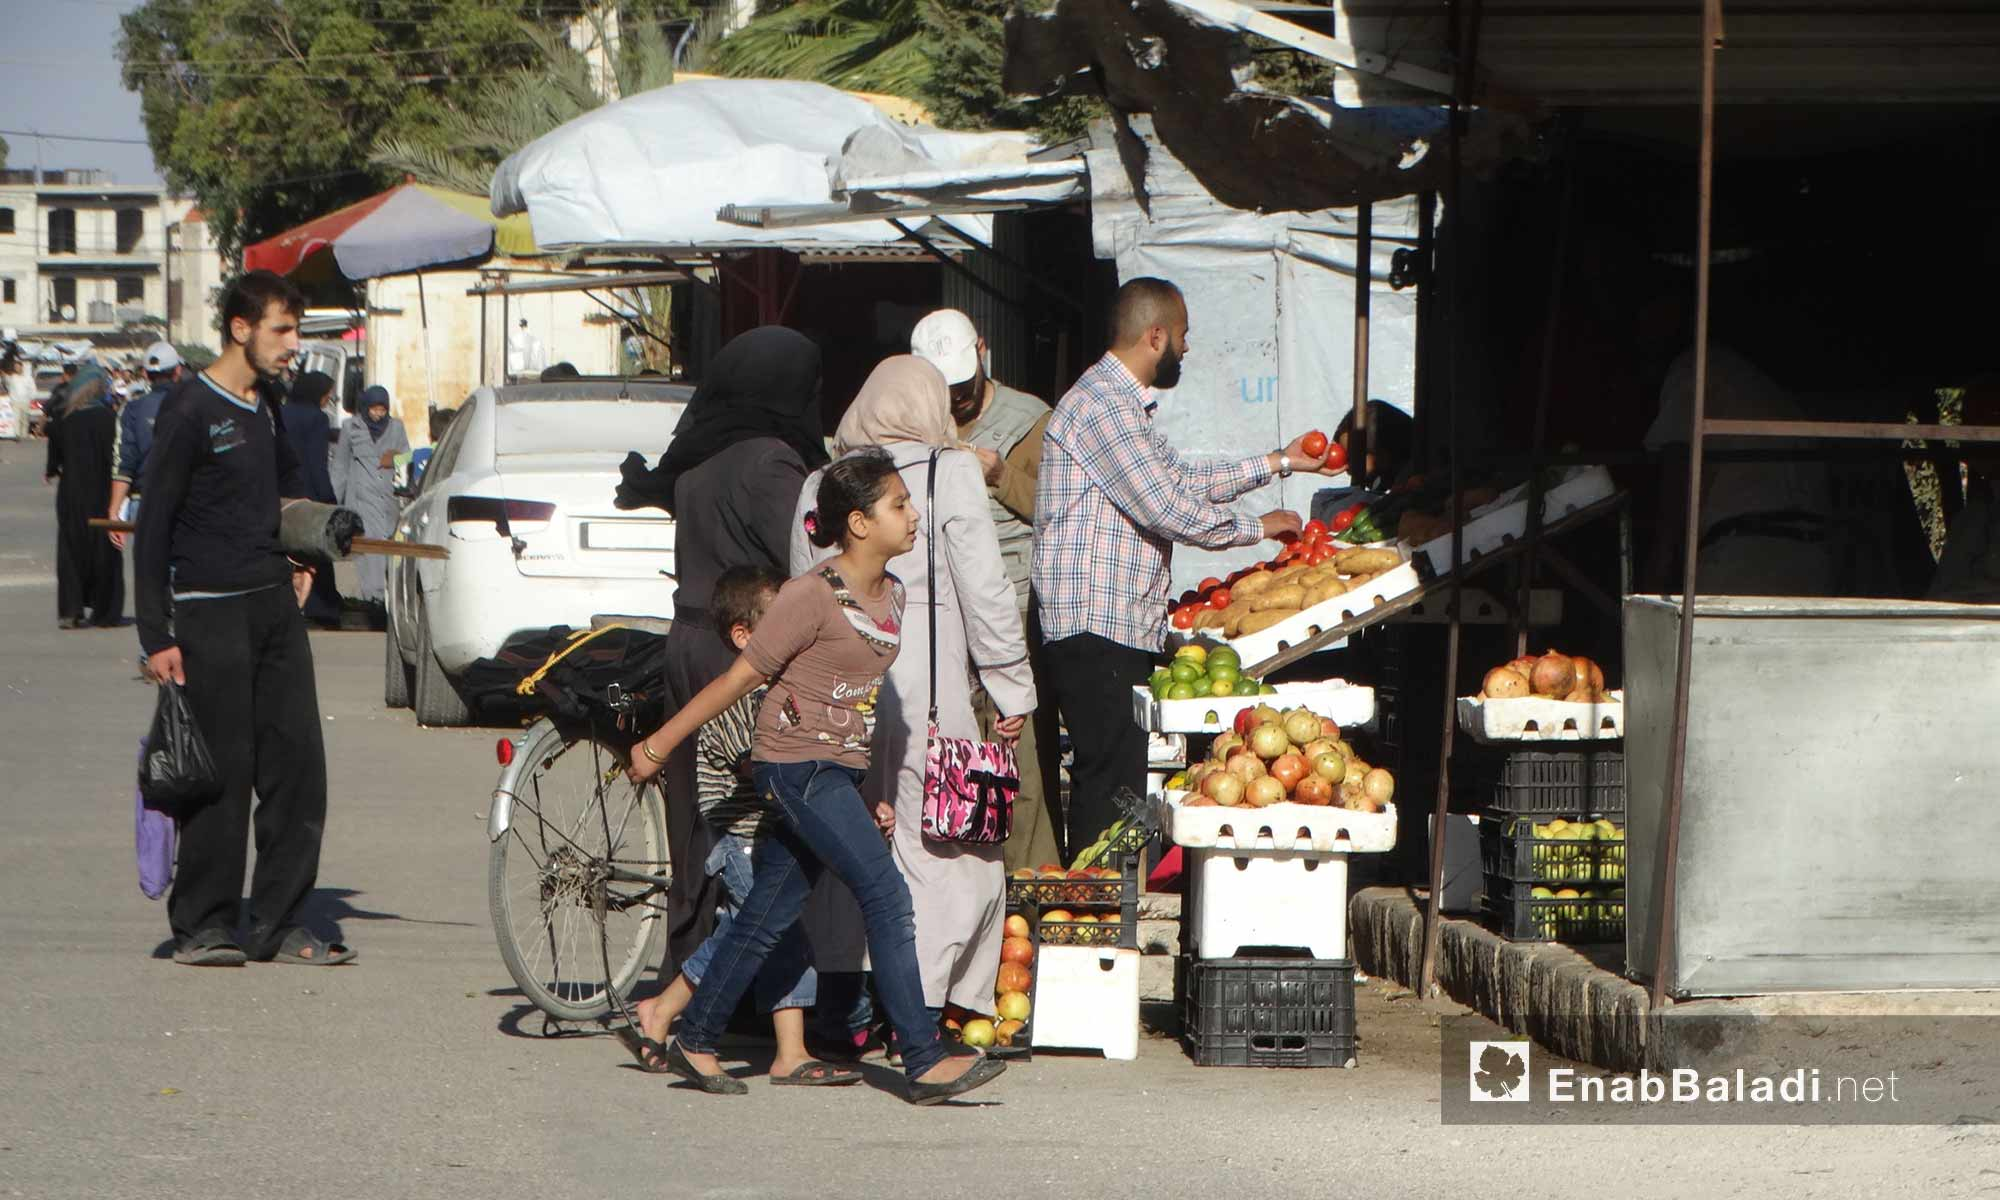 بائع خضار في حي الوعر بحمص - 11 تشرين الأول 2016 (عنب بلدي)